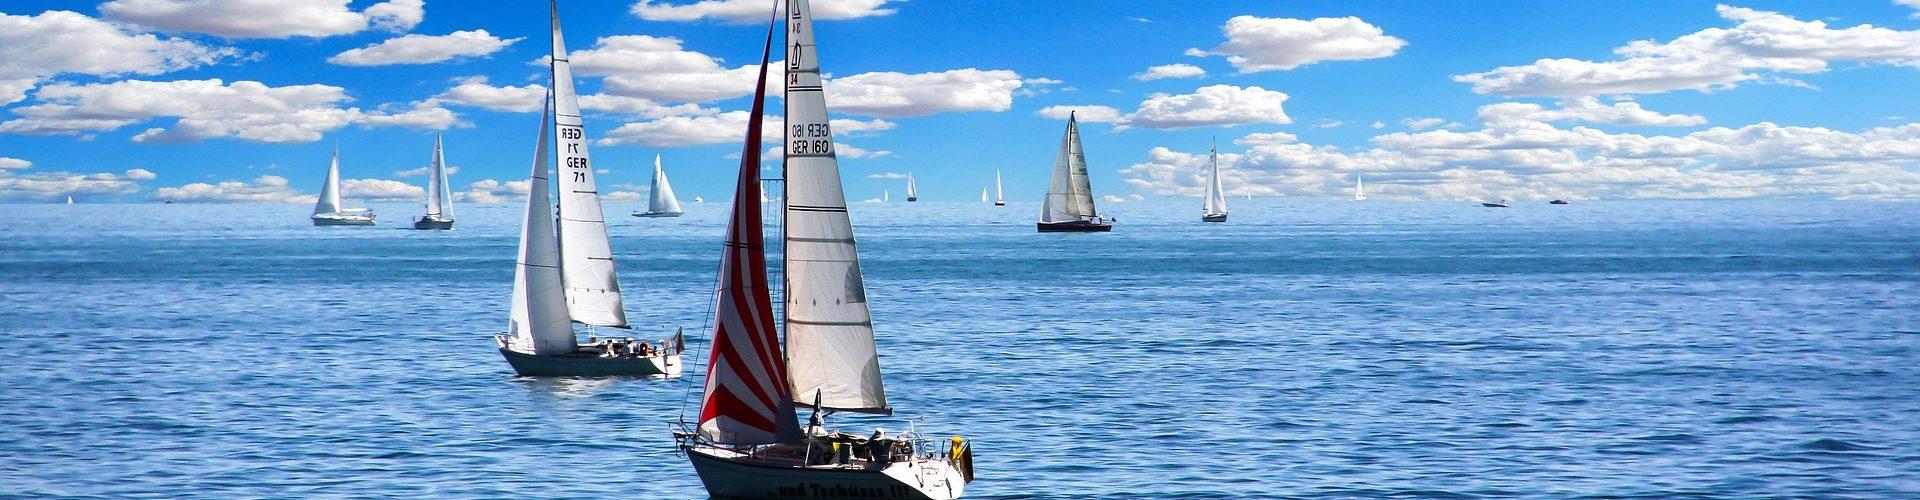 segeln lernen in Barleben Barleben segelschein machen in Barleben Barleben 1920x500 - Segeln lernen in Barleben Barleben